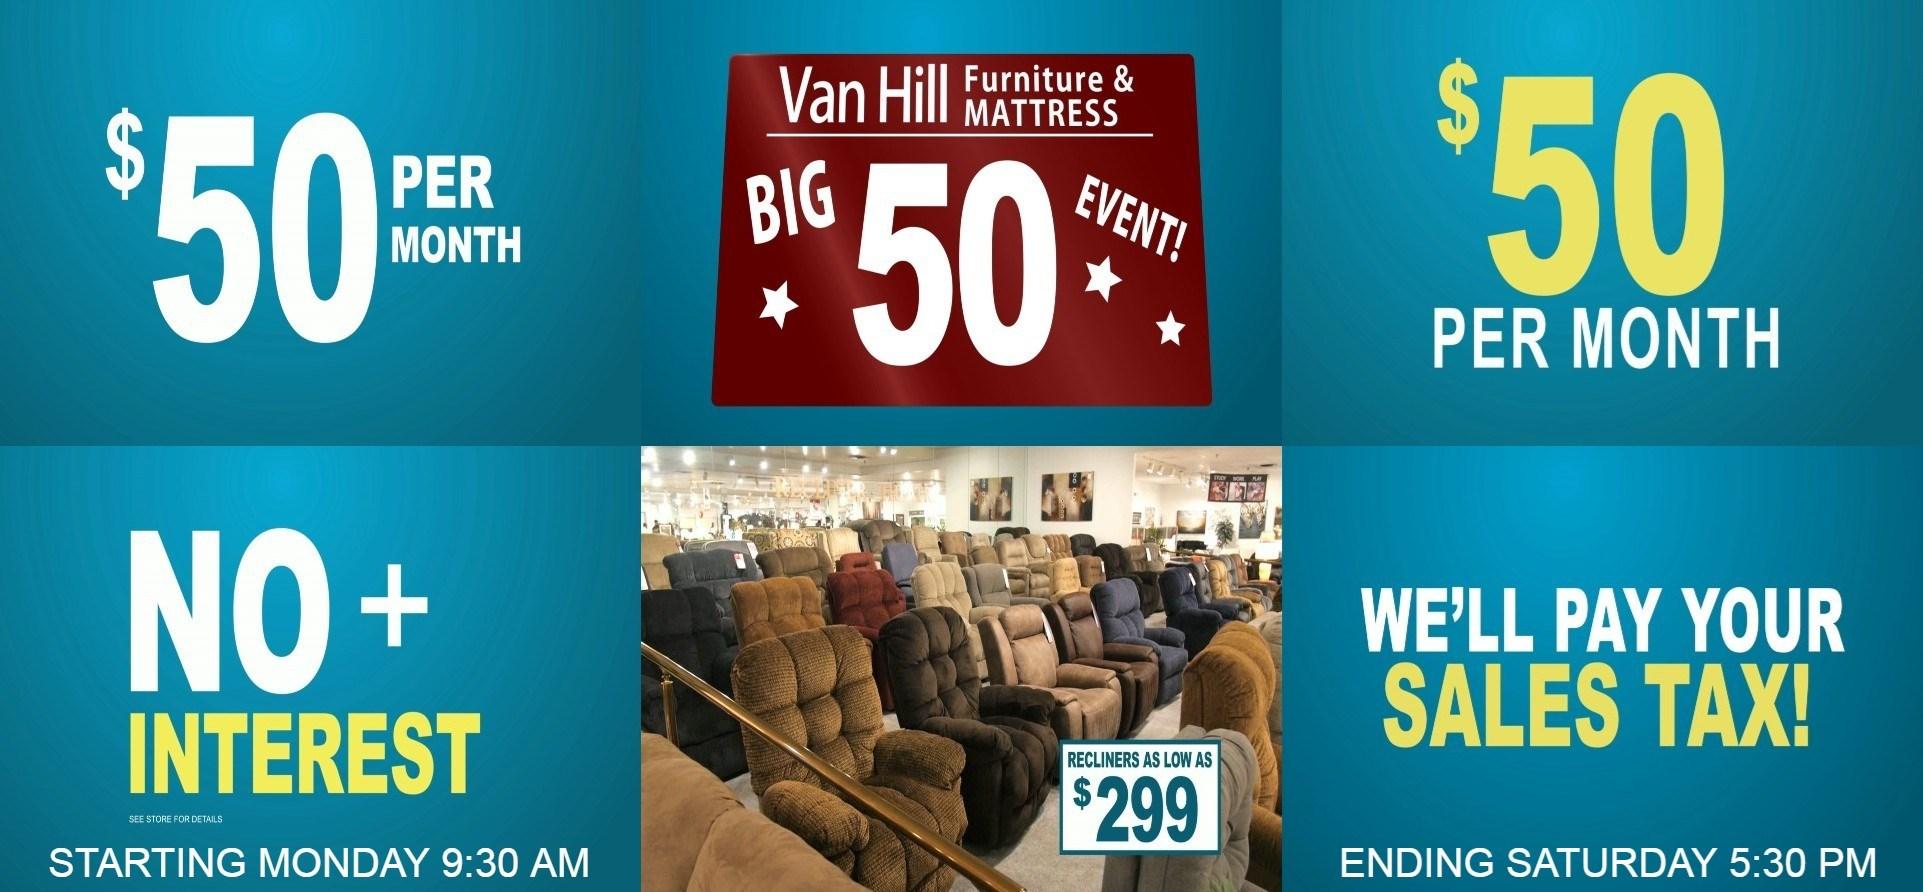 Big $50 Sales Event